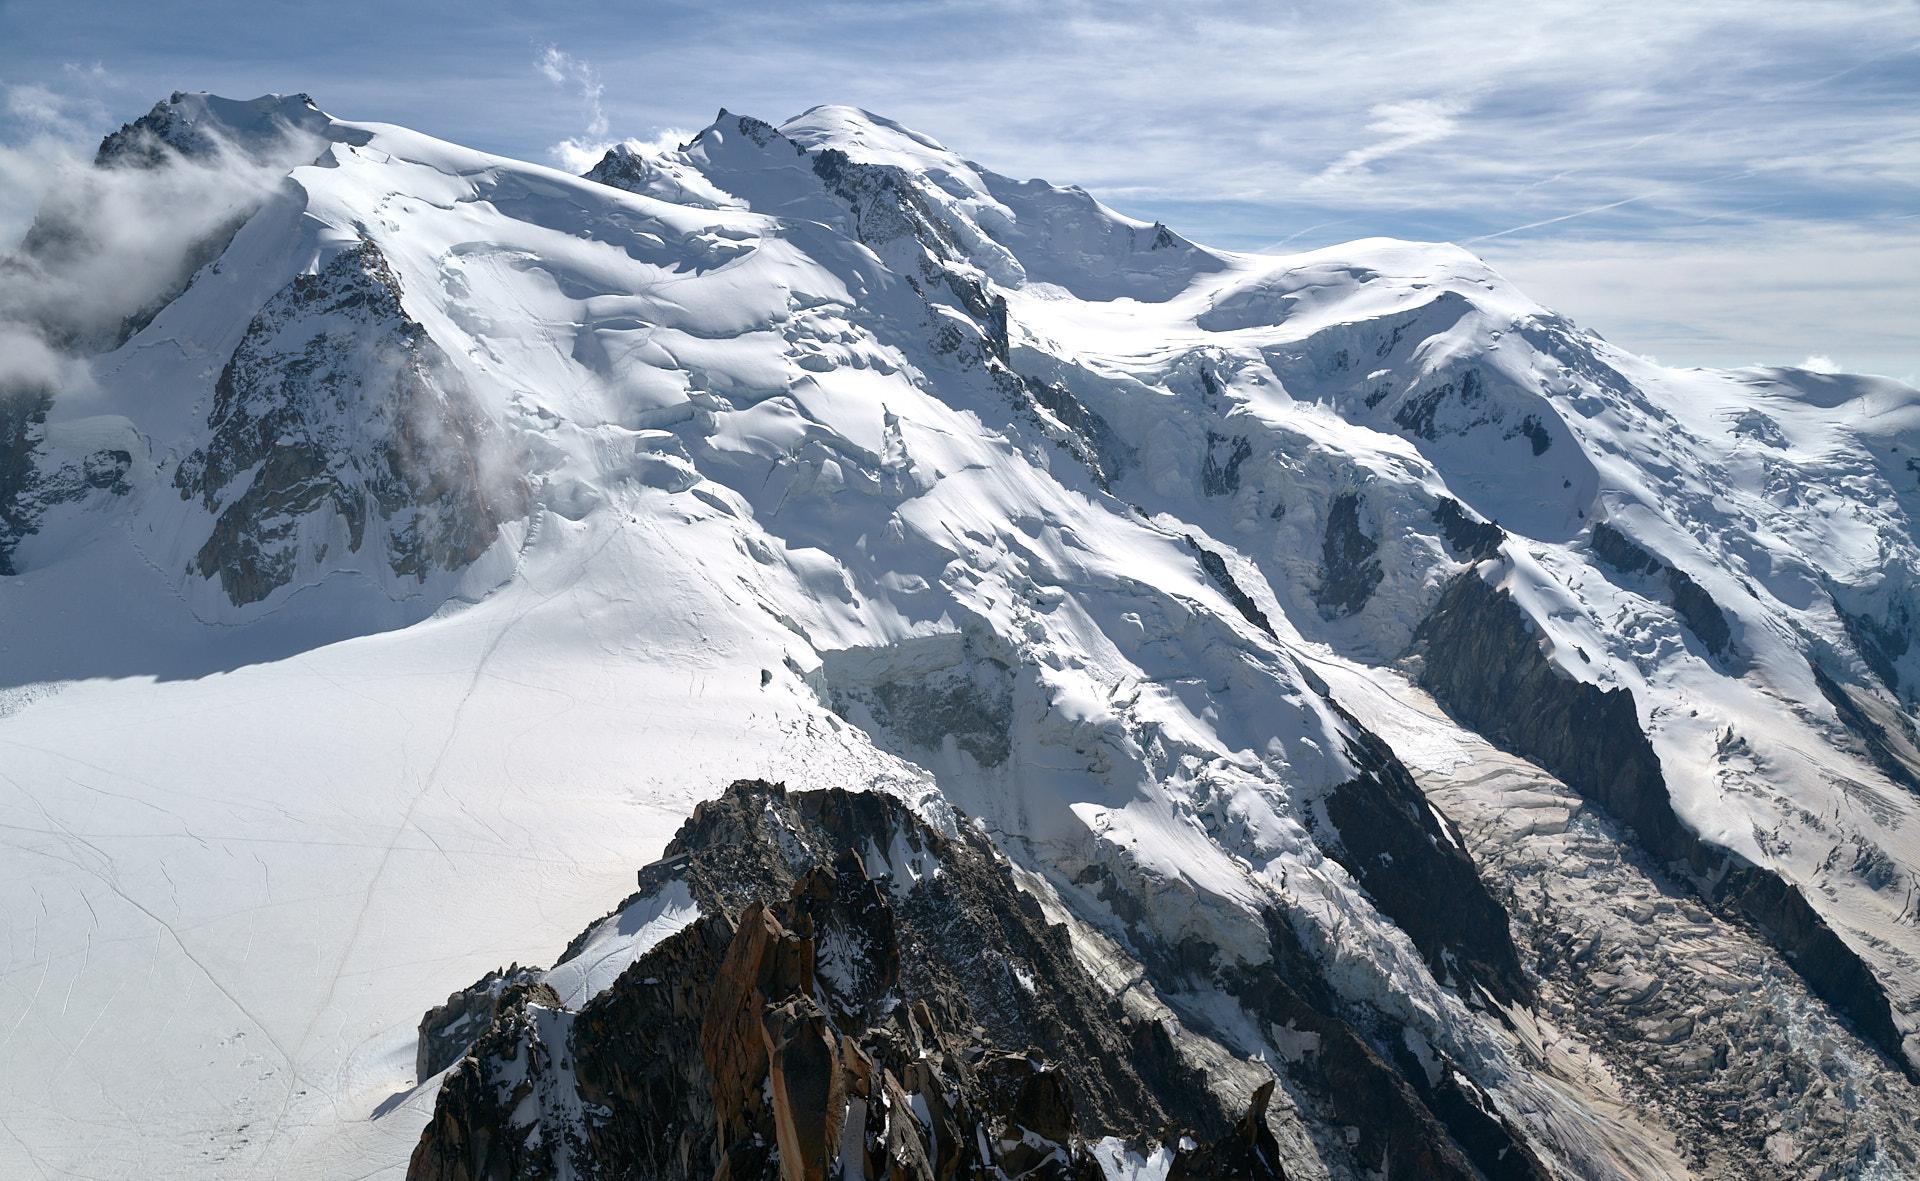 Aiguille du Midi, utsikt mot Mont Blanc. Refuge des Cosmiques i förgrunden, två klättrare på glaciären